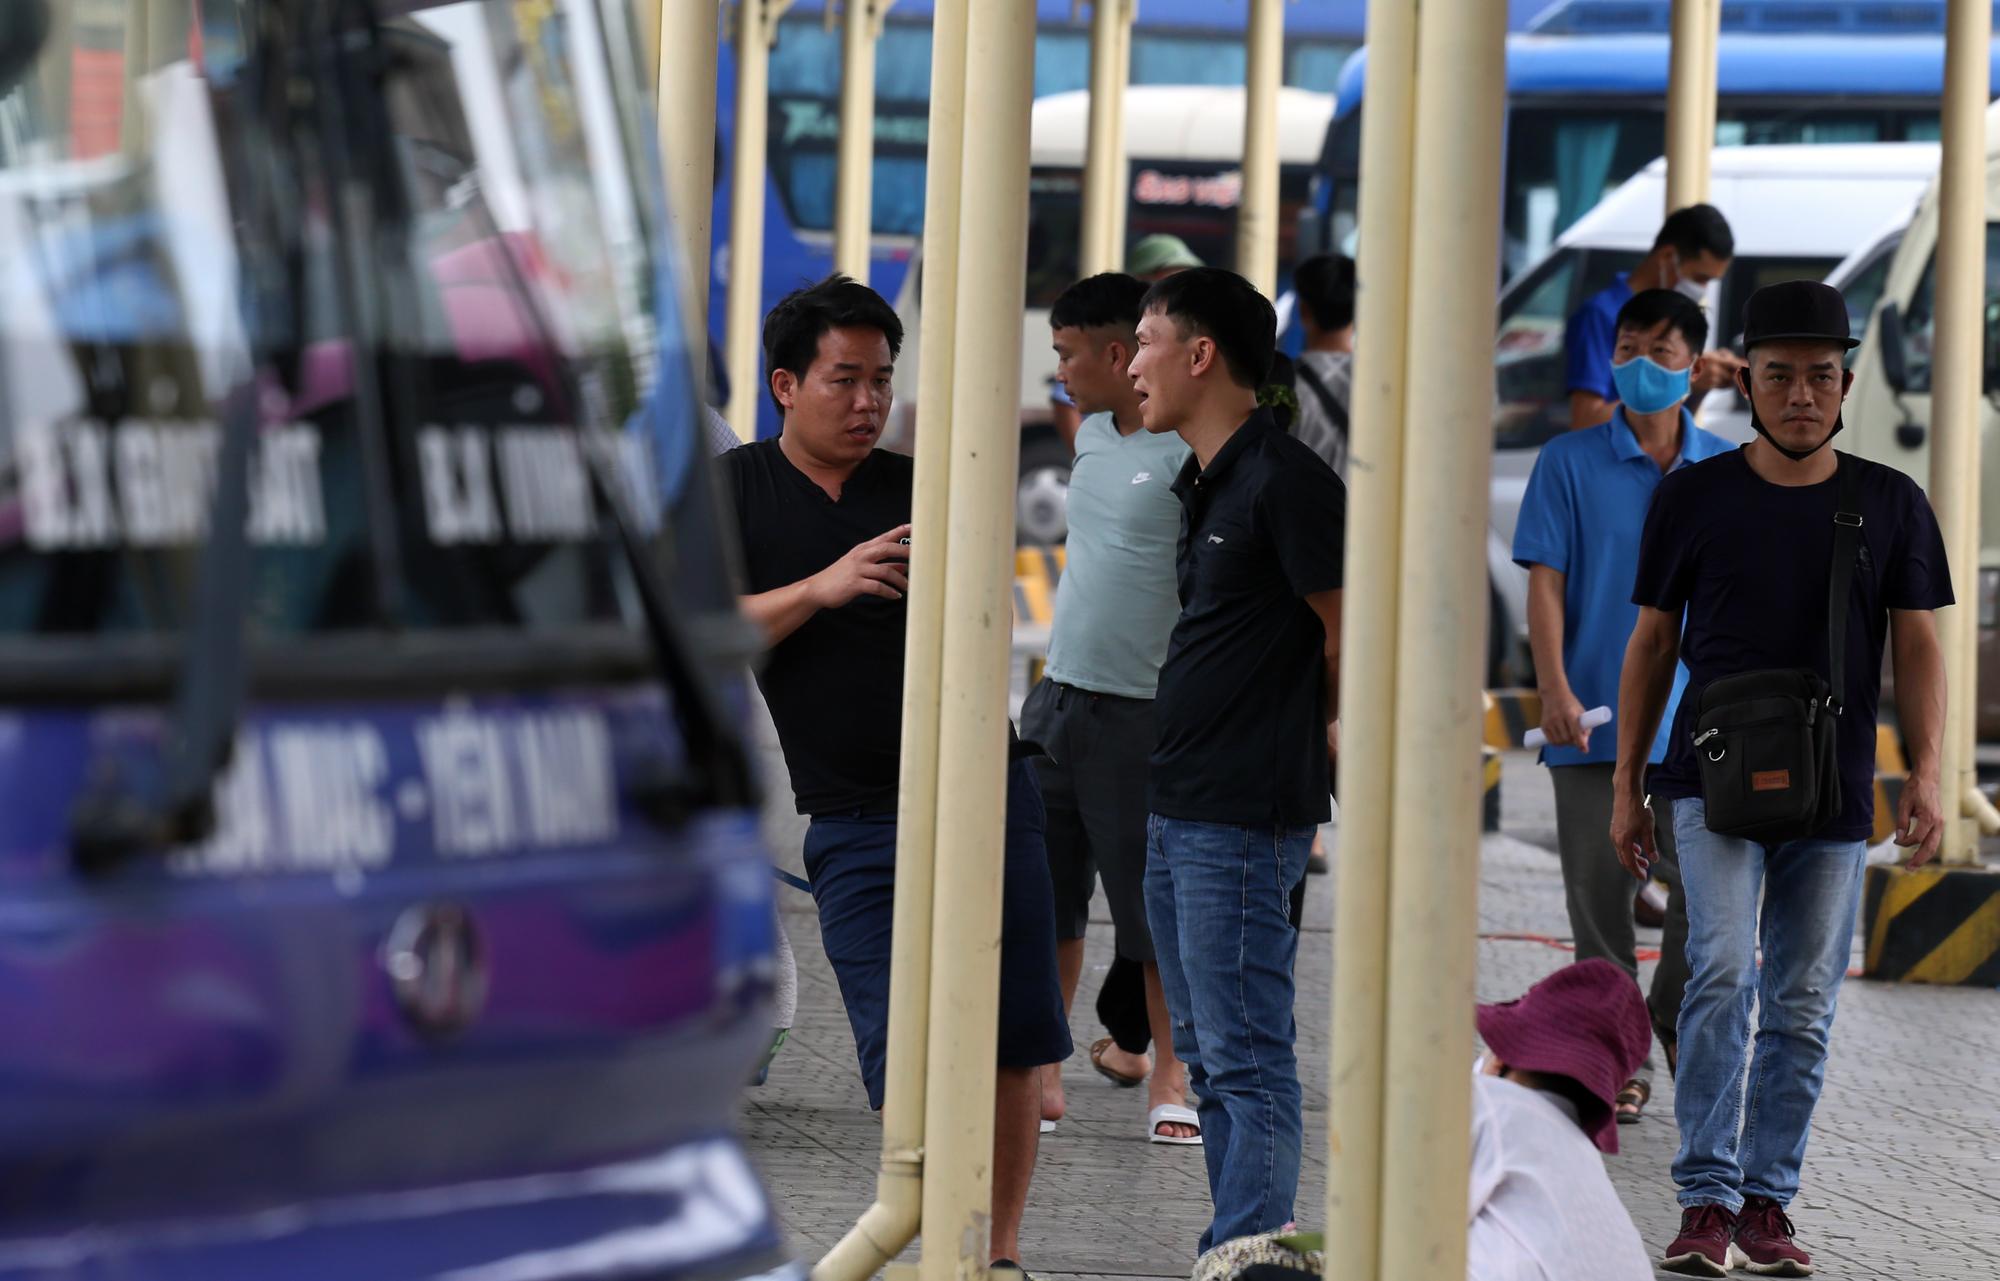 Vận tải khách trở lại bình thường, bến xe ở Hà Nội vẫn vắng vẻ - Ảnh 4.